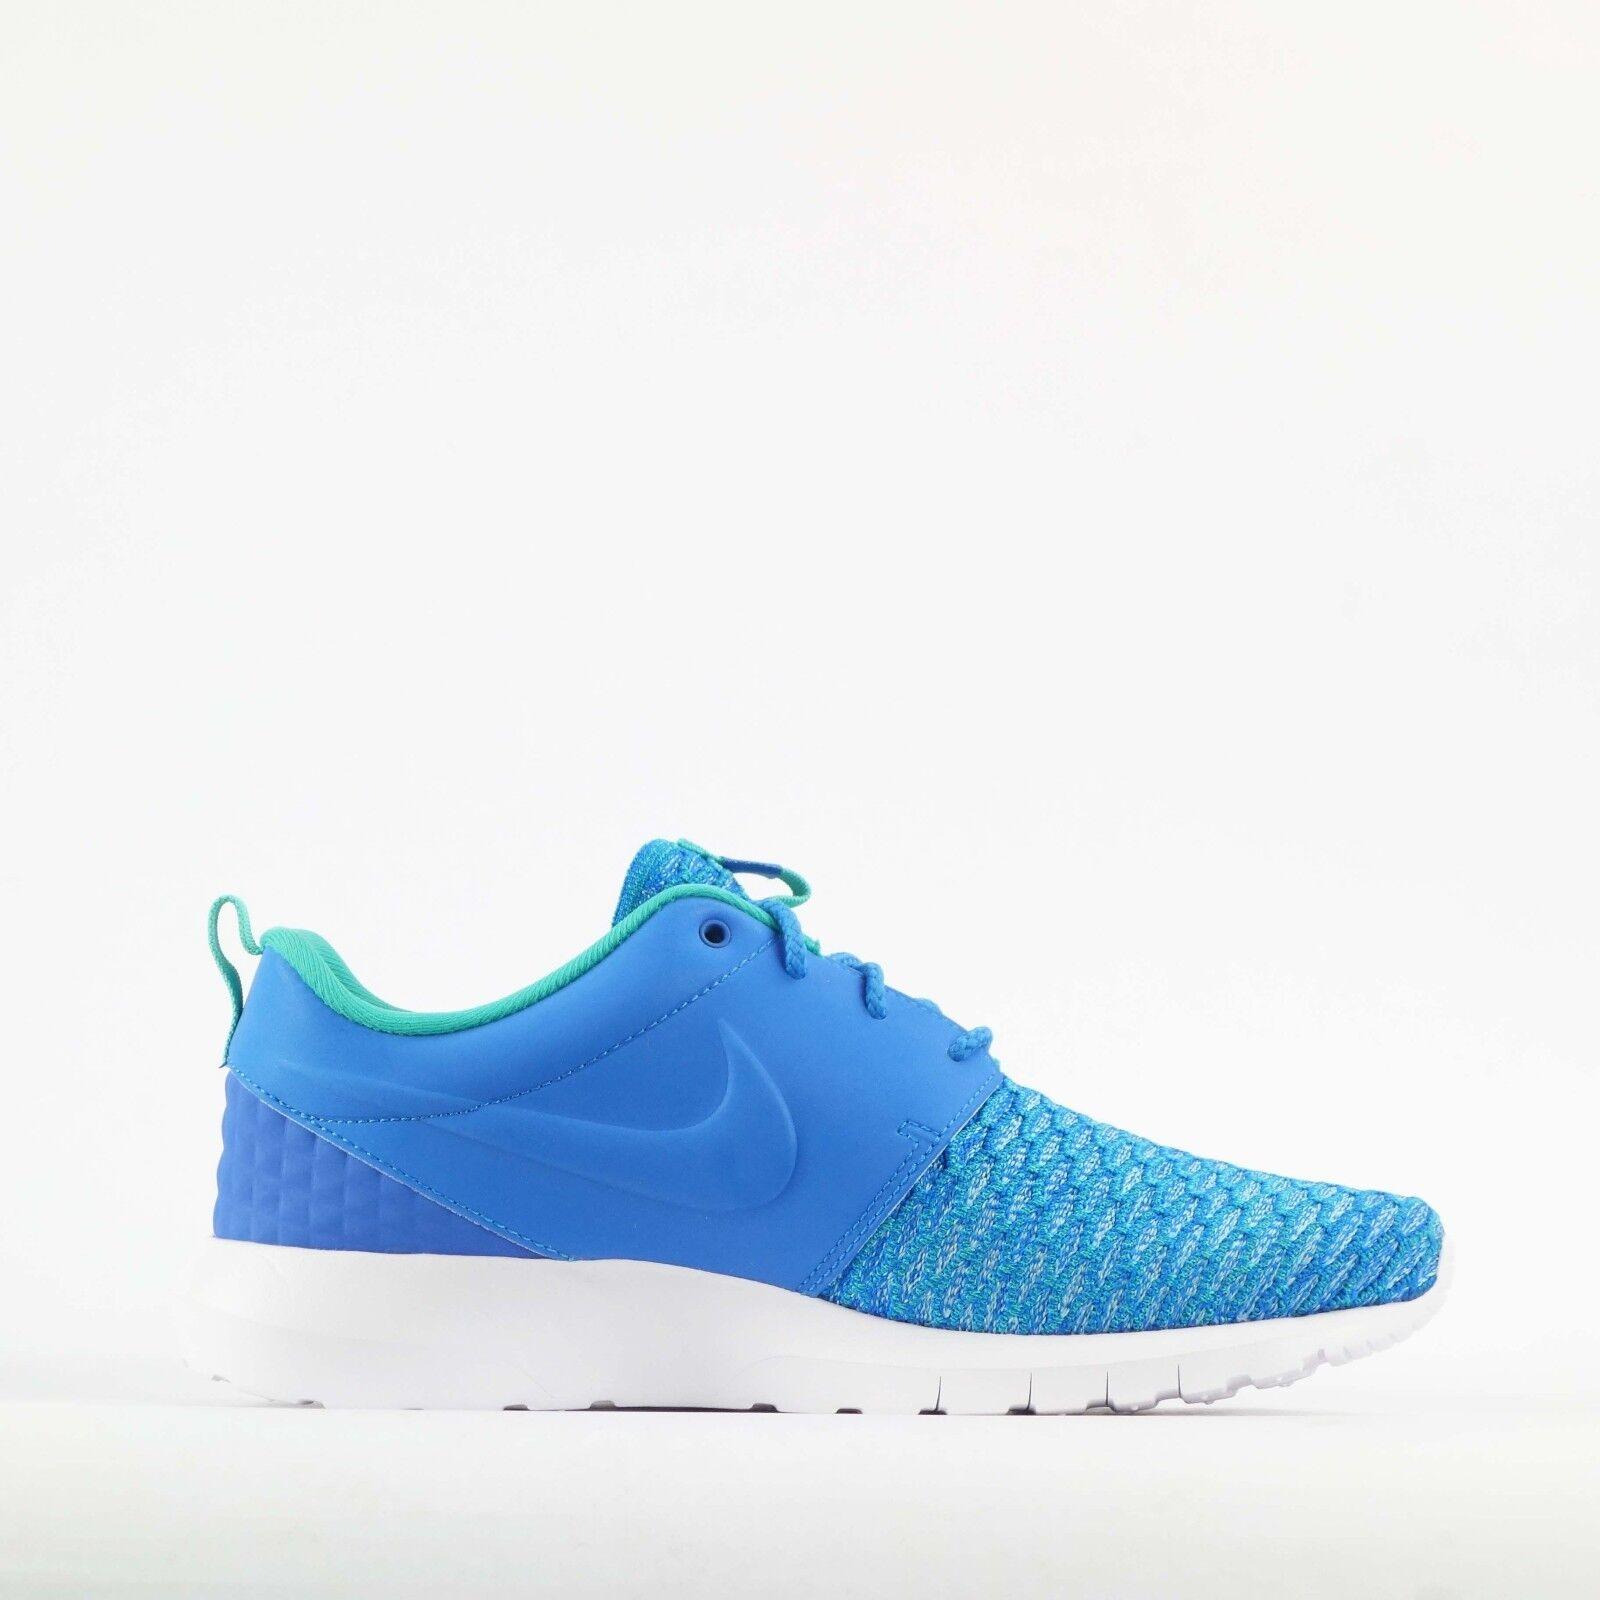 Nike roshe correre nm movimento naturale naturale naturale flyknit premio mens formatori scarpe | Per Vincere Una Ammirazione Alto  | Uomo/Donna Scarpa  41994a